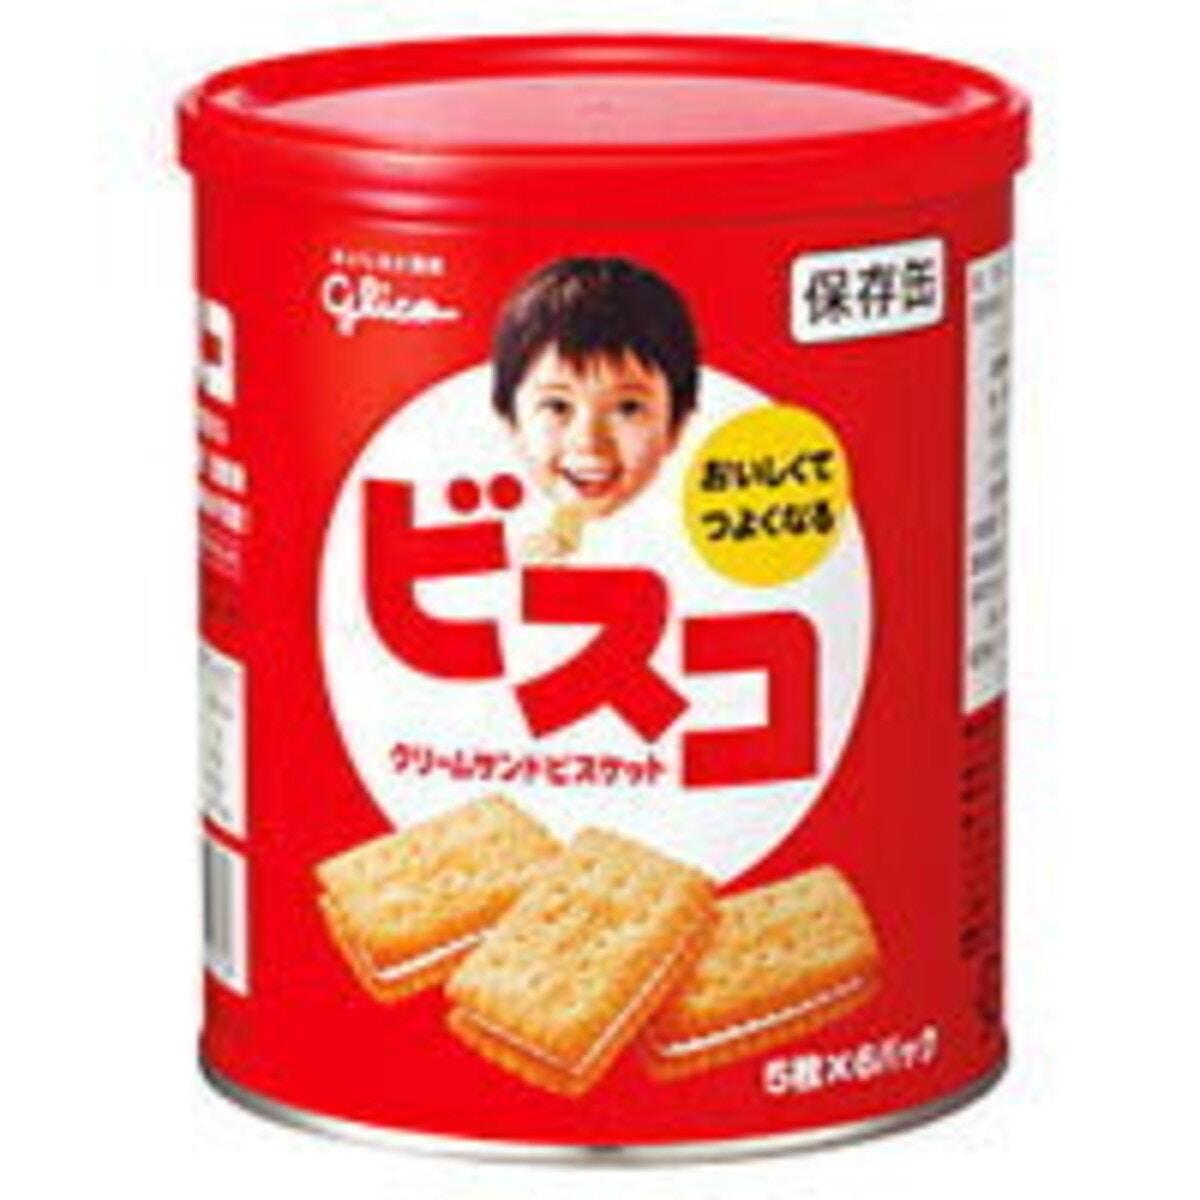 江崎グリコ ビスコ保存缶 30枚(5枚×6袋)